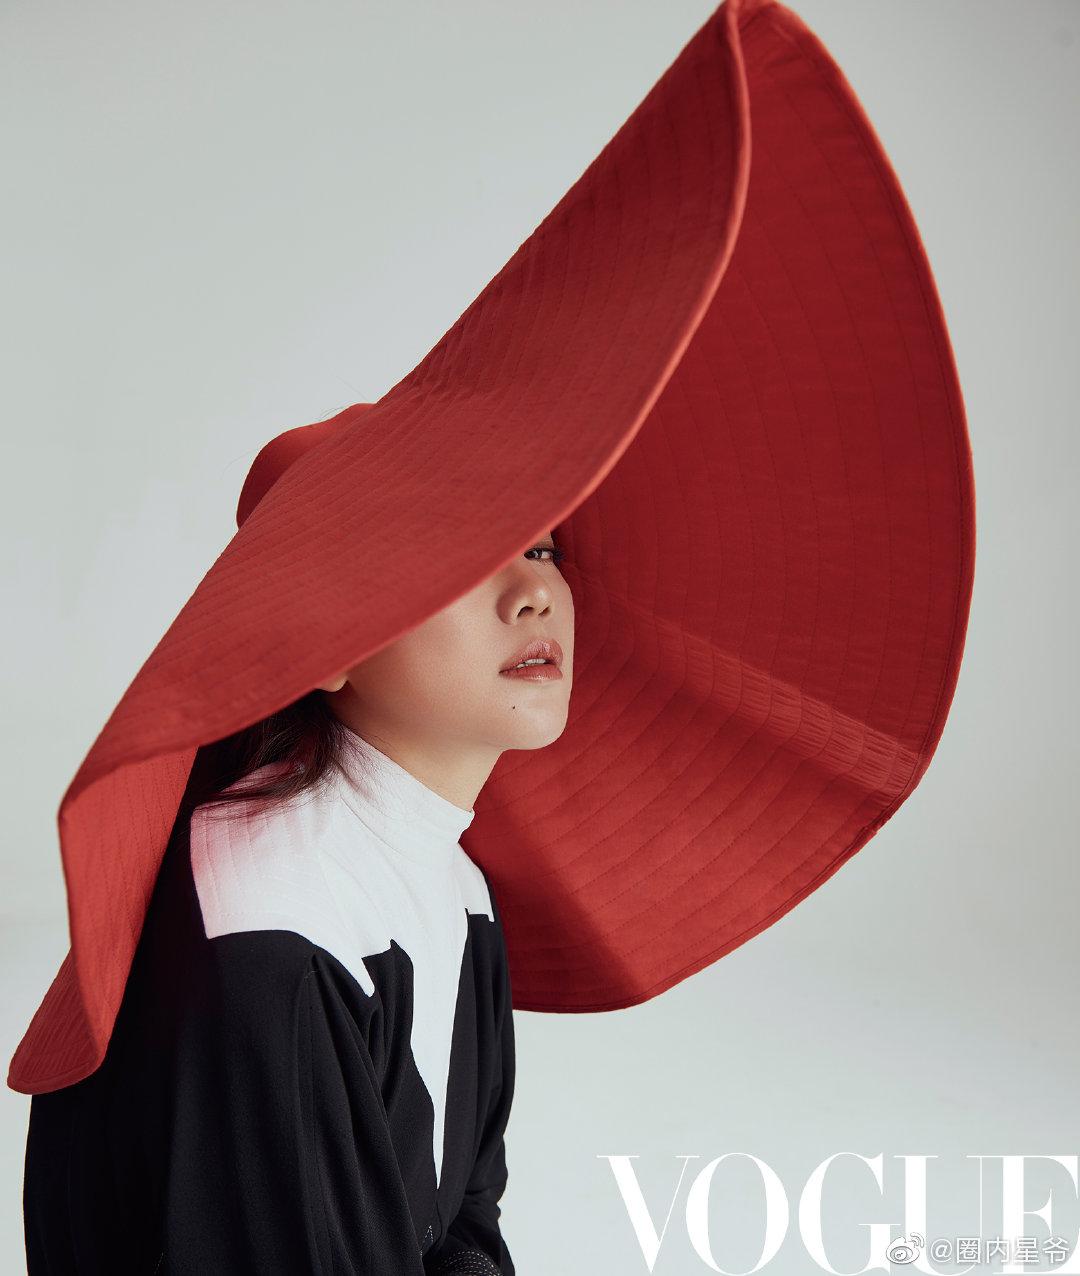 演员闫妮的时尚大片,深V连衣裙搭配飘逸波浪长发